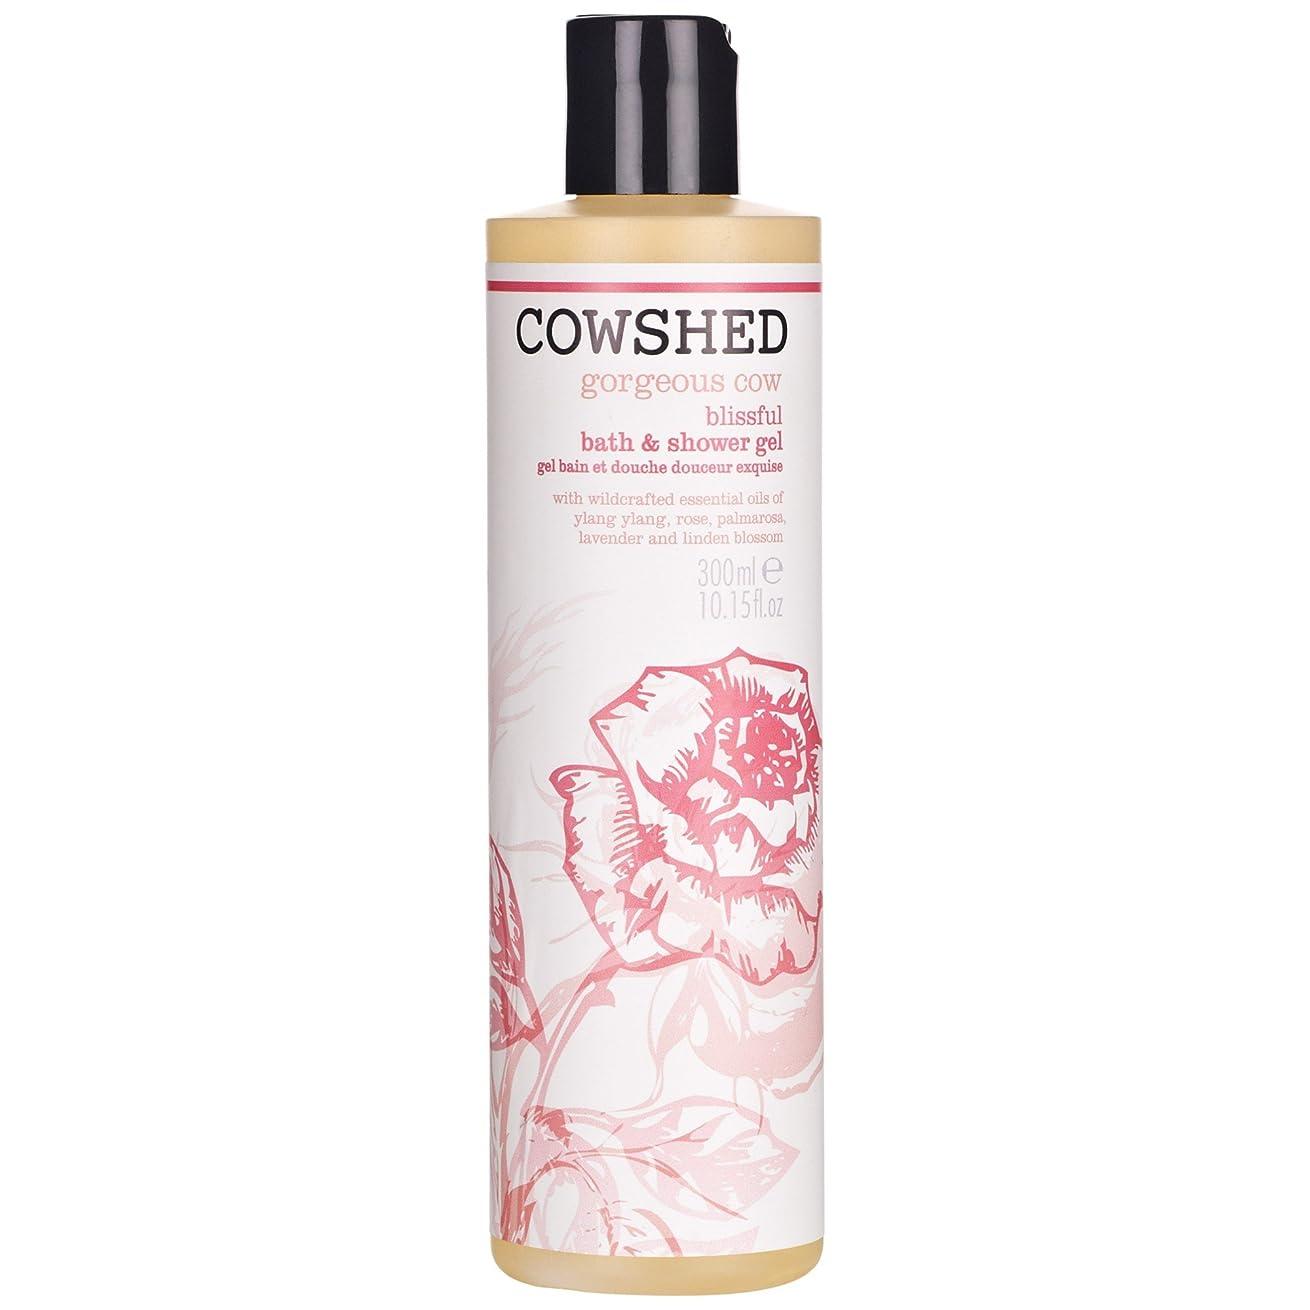 ヘア提唱する特性牛舎ゴージャスな牛のバス&シャワージェル300ミリリットル (Cowshed) (x2) - Cowshed Gorgeous Cow Bath & Shower Gel 300ml (Pack of 2) [並行輸入品]